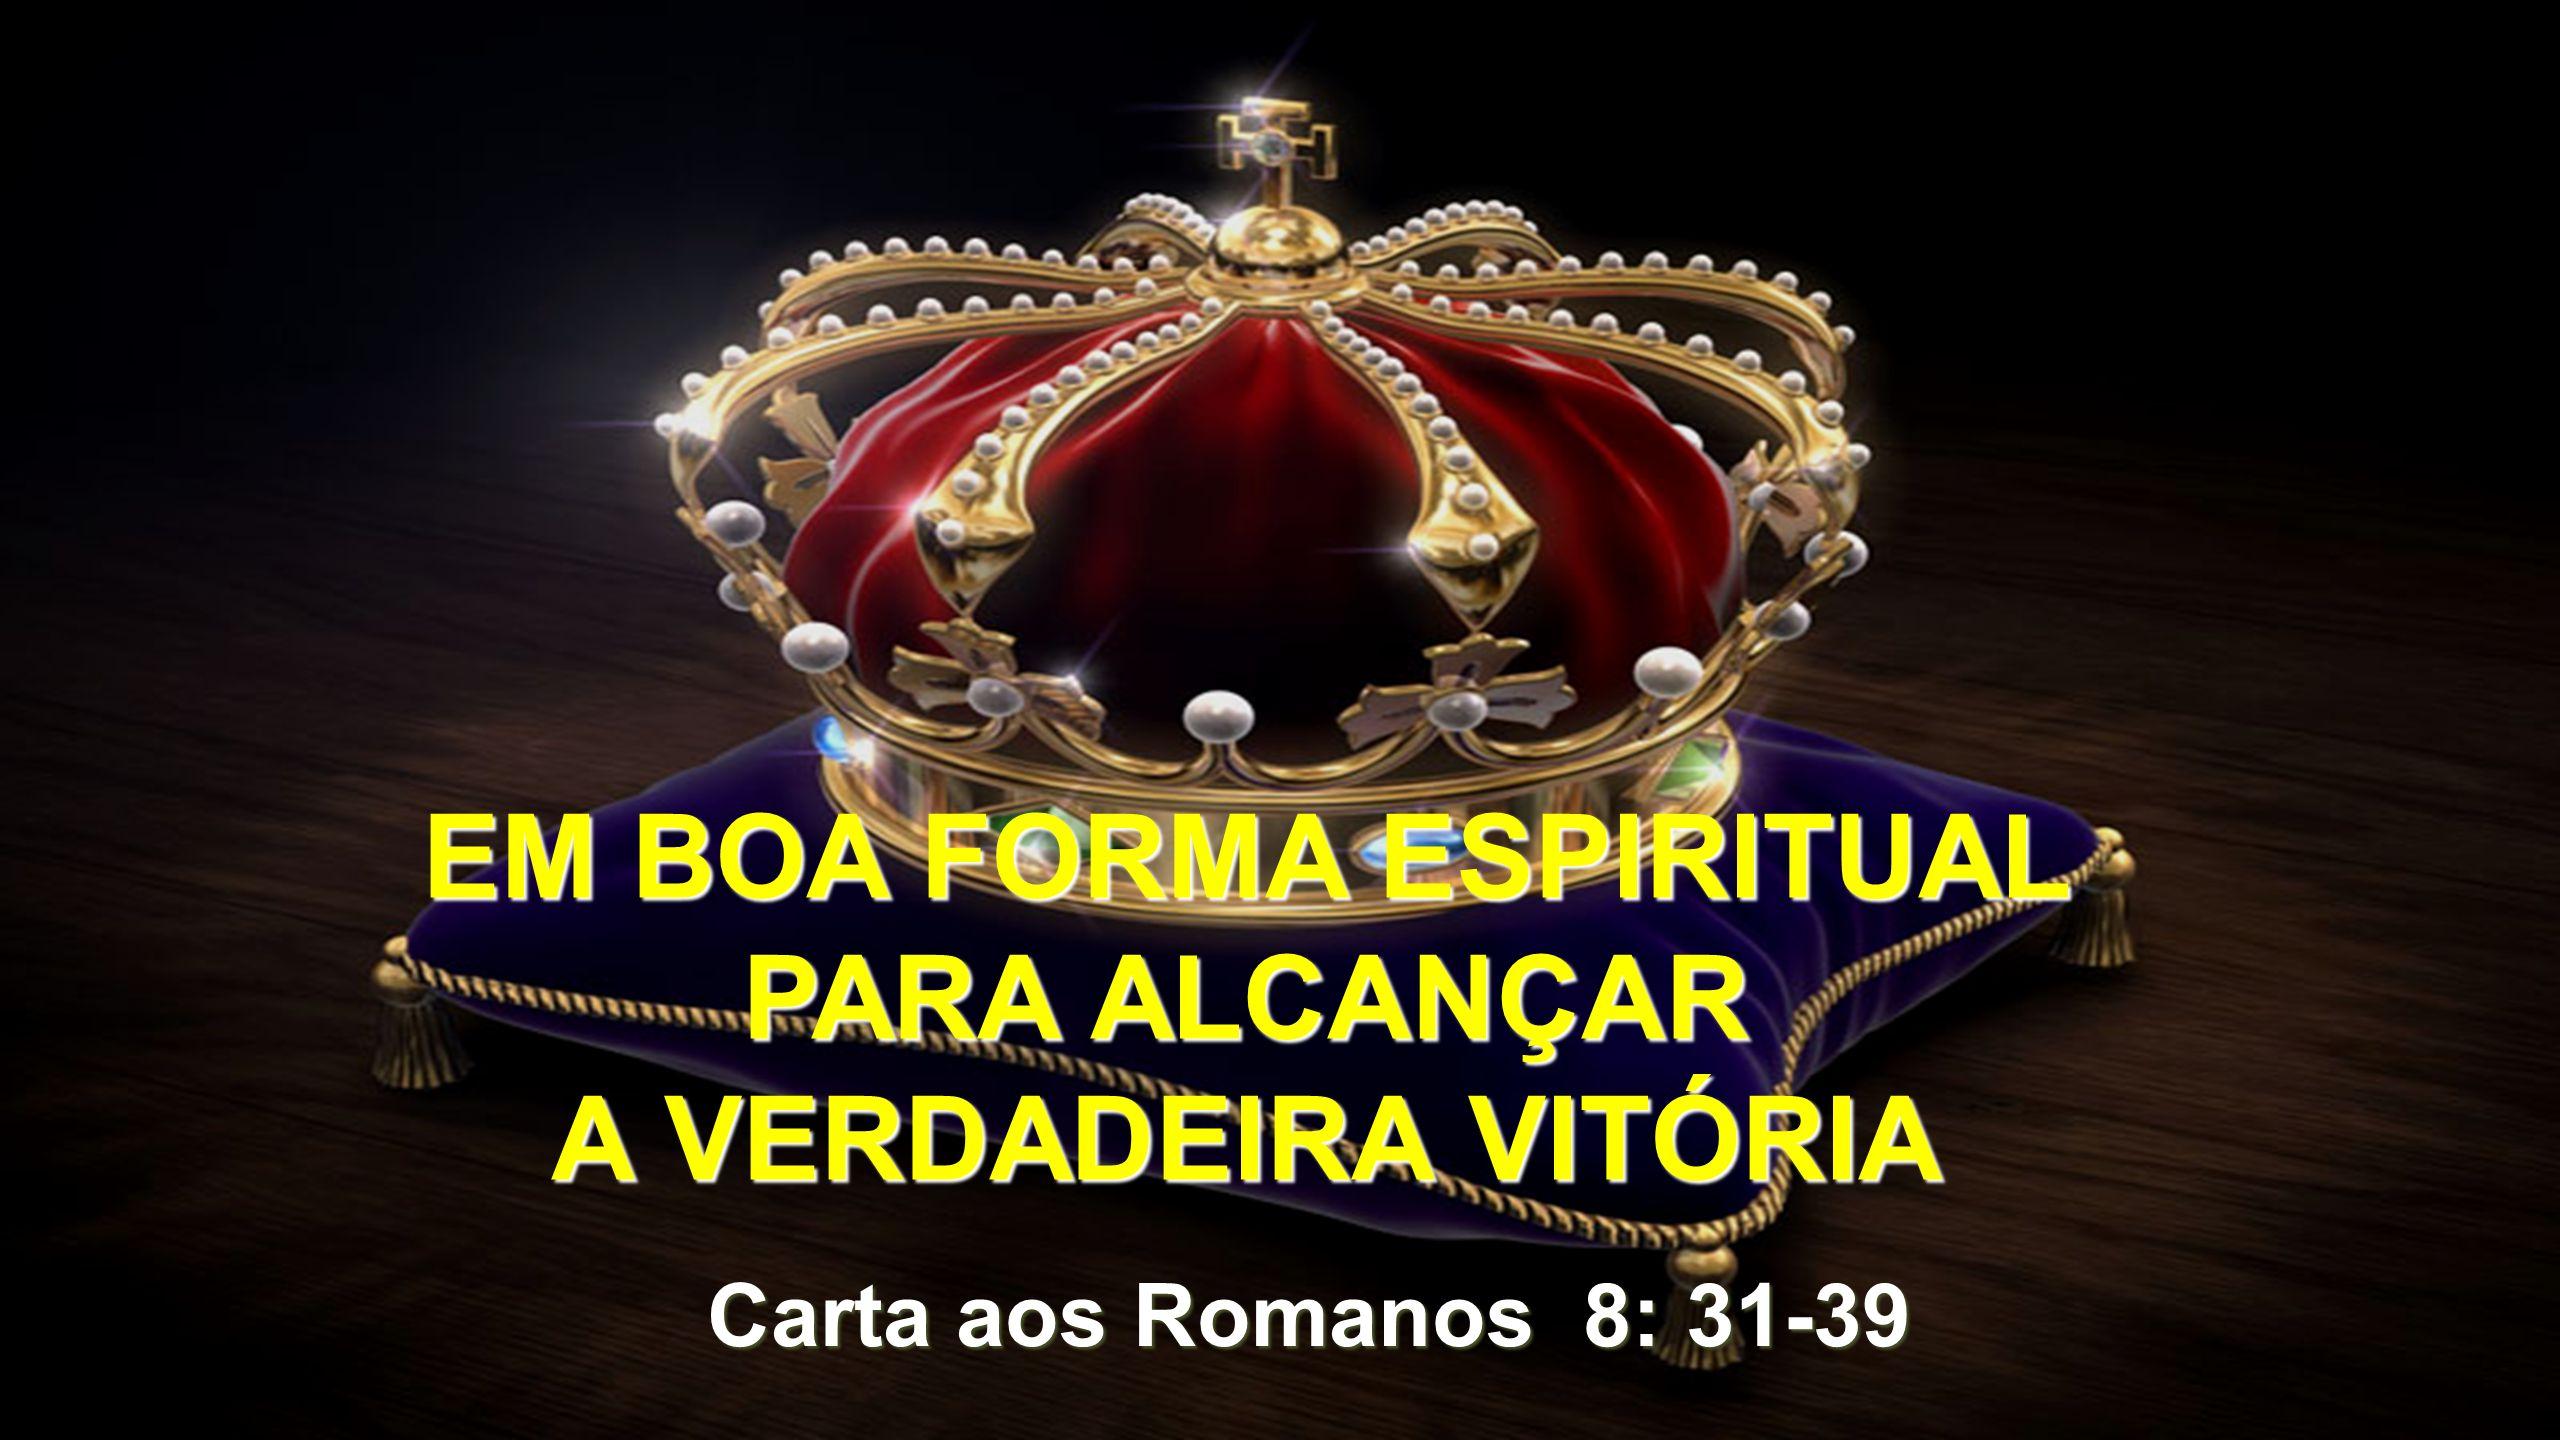 Romanos 8: 31-39 EM BOA FORMA ESPIRITUAL PARA ALCANÇAR A VERDADEIRA VITÓRIA Definição de VITÓRIA (Dicionário Aurélio)  Ato ou efeito de vencer o inimigo ou competidor eu uma batalha, guerra ou competição.